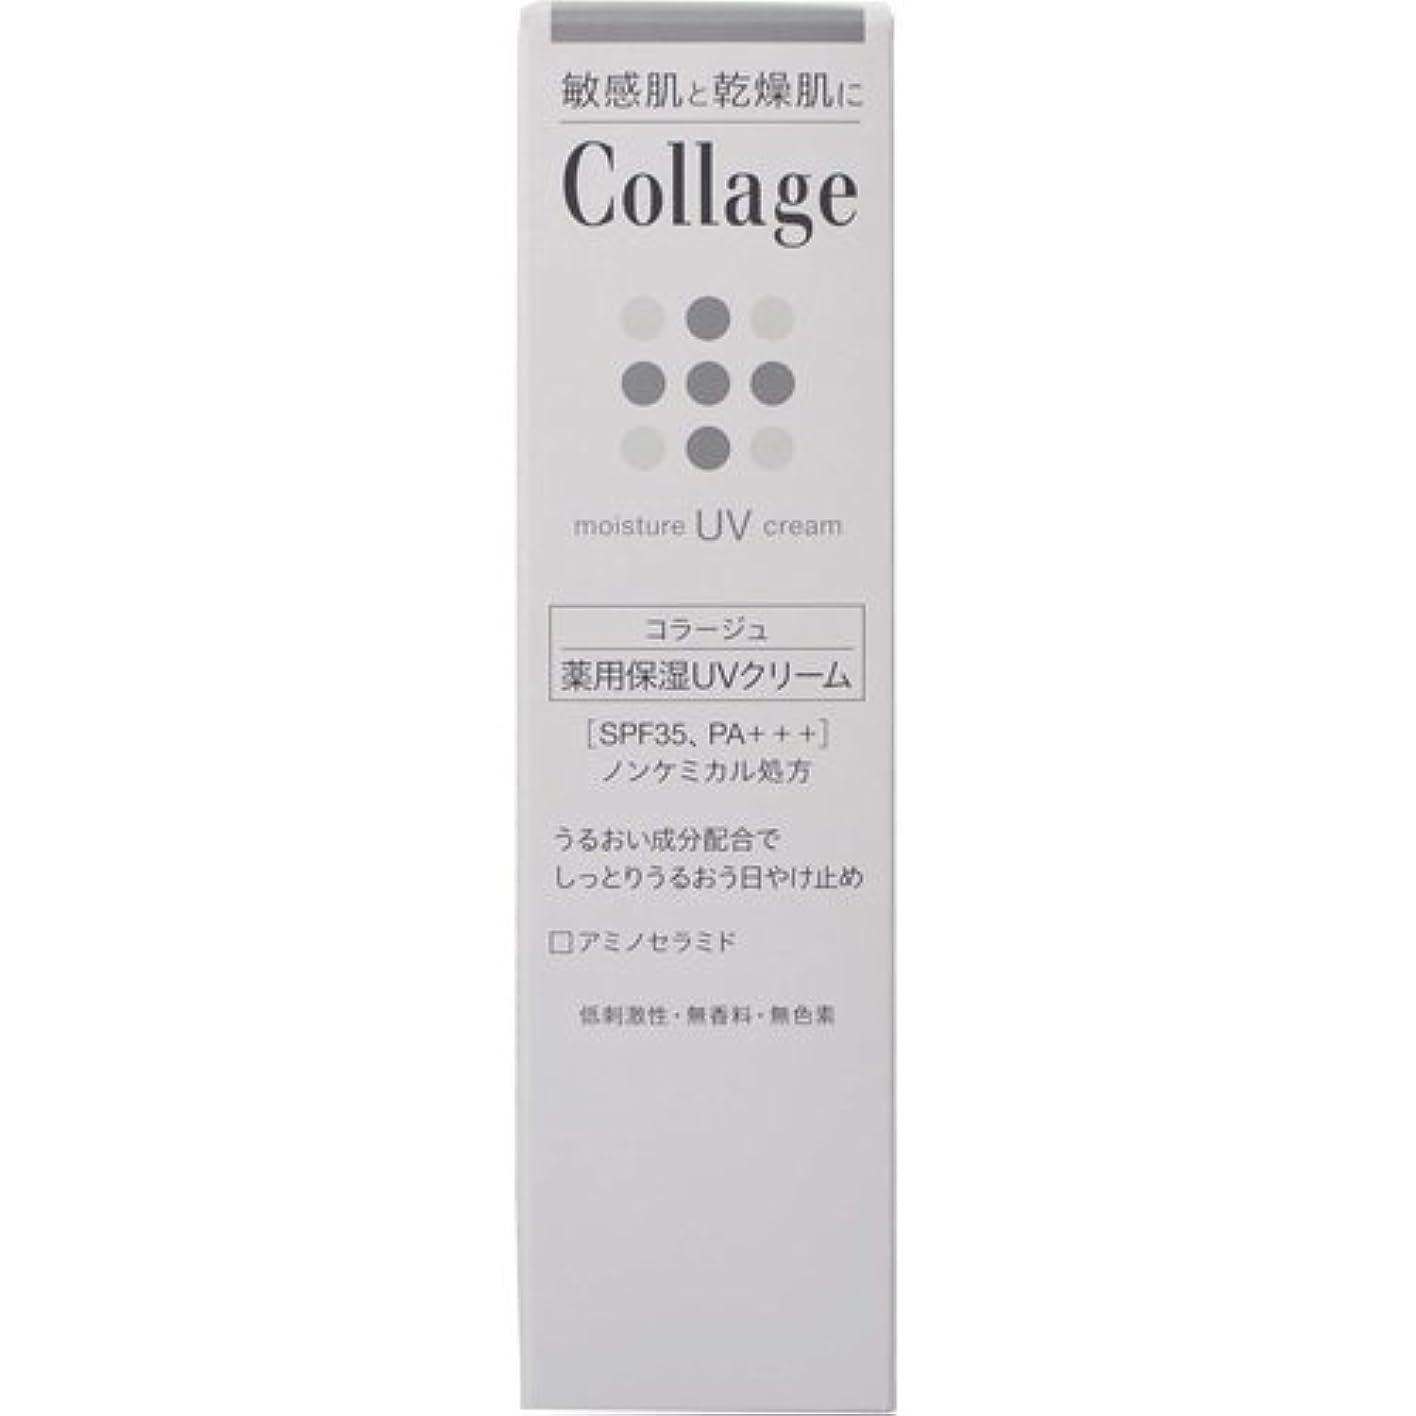 満足識別ライトニングコラージュ 薬用保湿UVクリーム 30g 【医薬部外品】